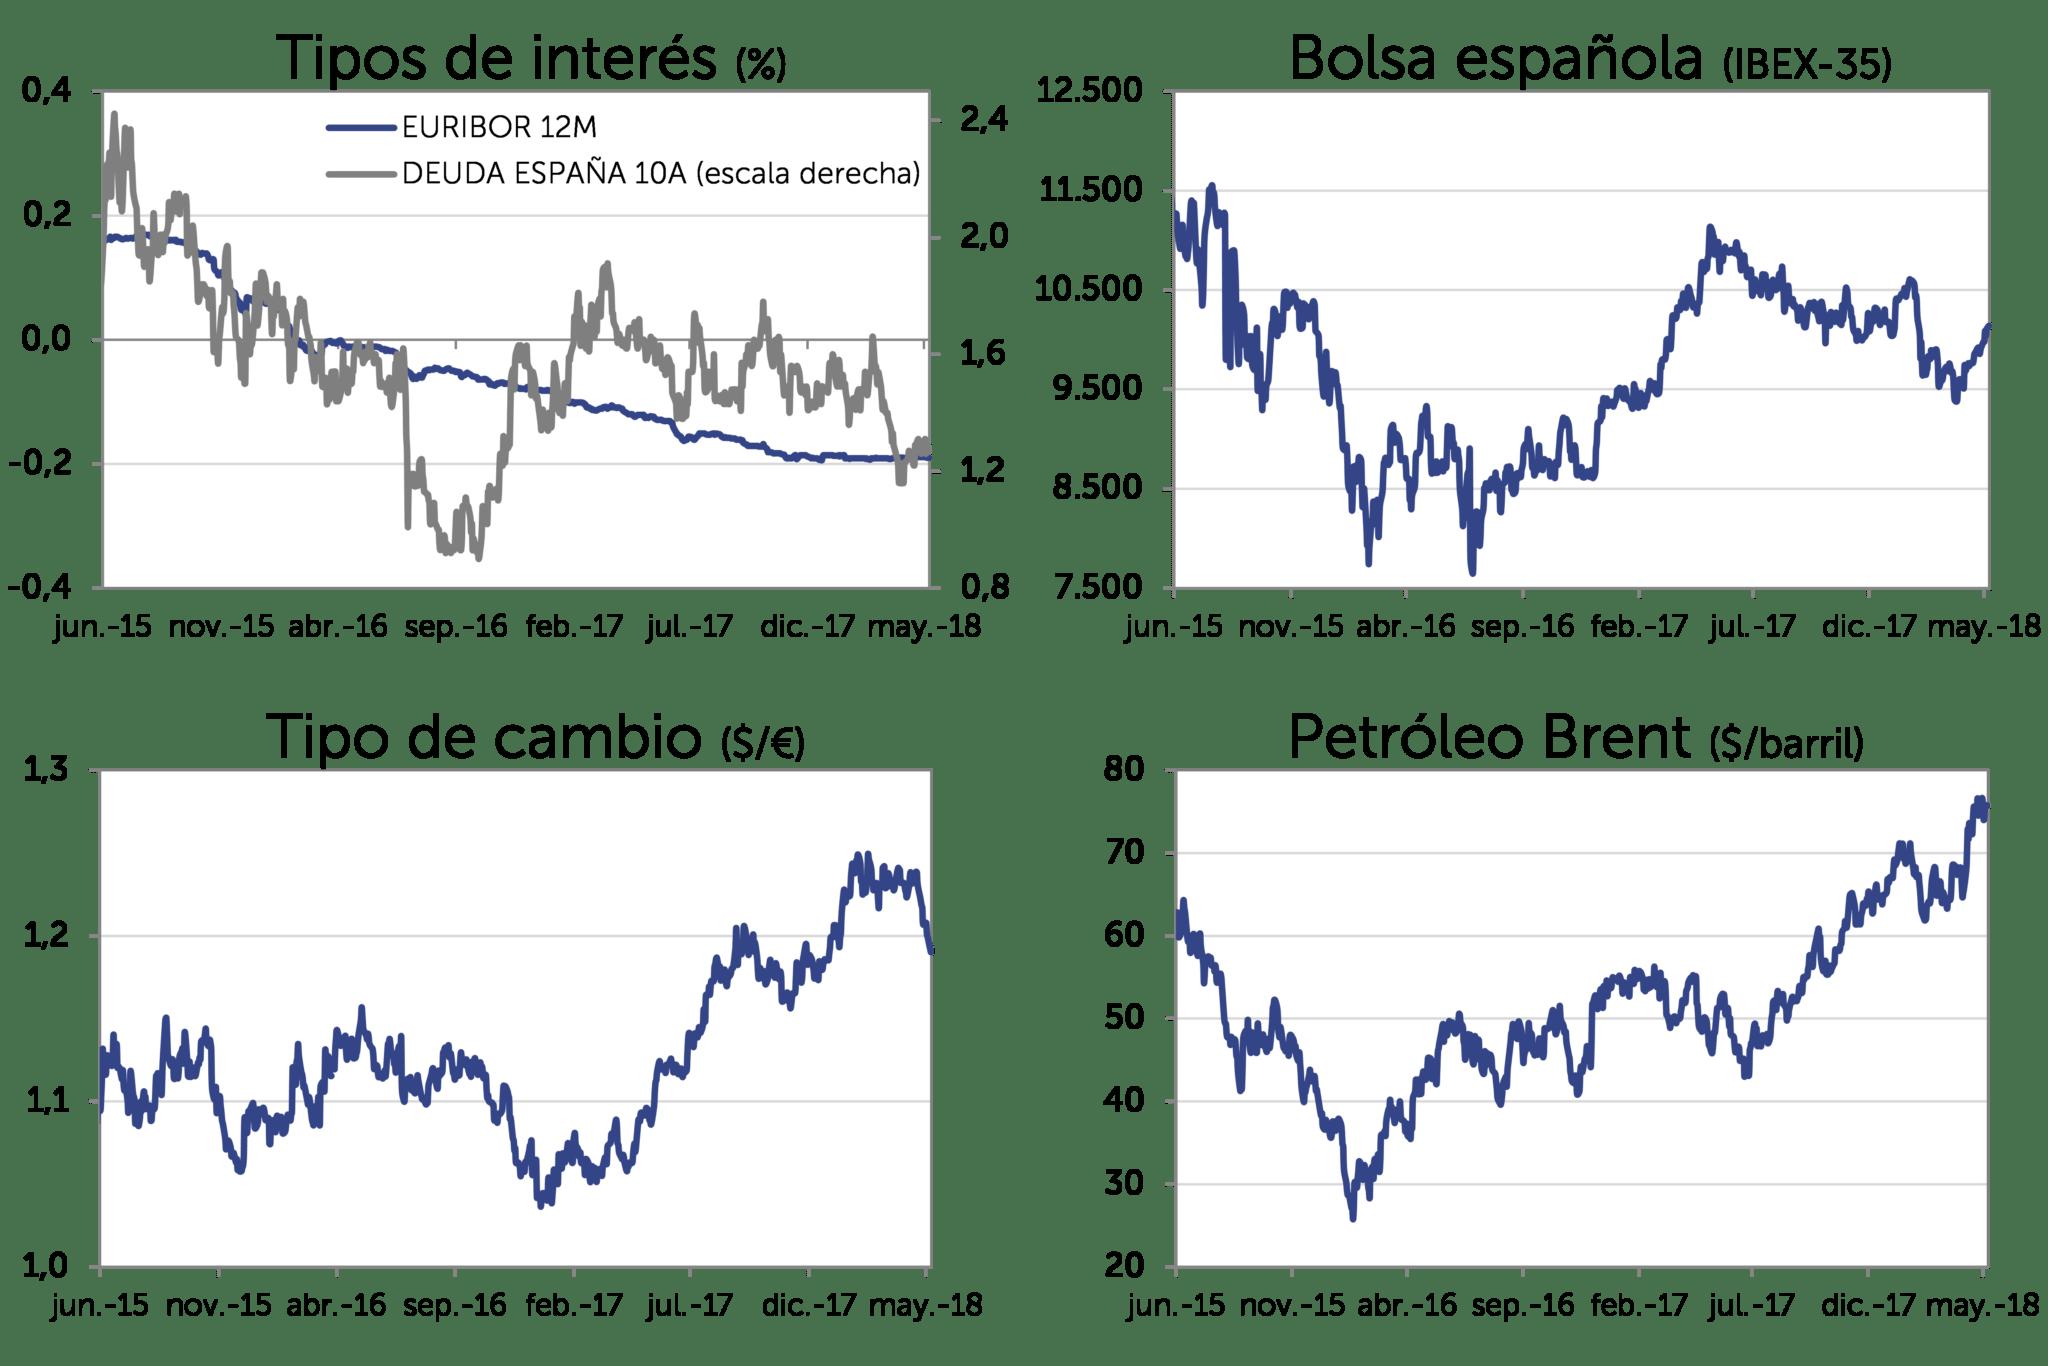 Evolución Mercado may-2018: Tipos de interés, bolsa española (IBEX-35), Tipo de cambio (dolar/euro), Petróleo Brent (dolar/barril)